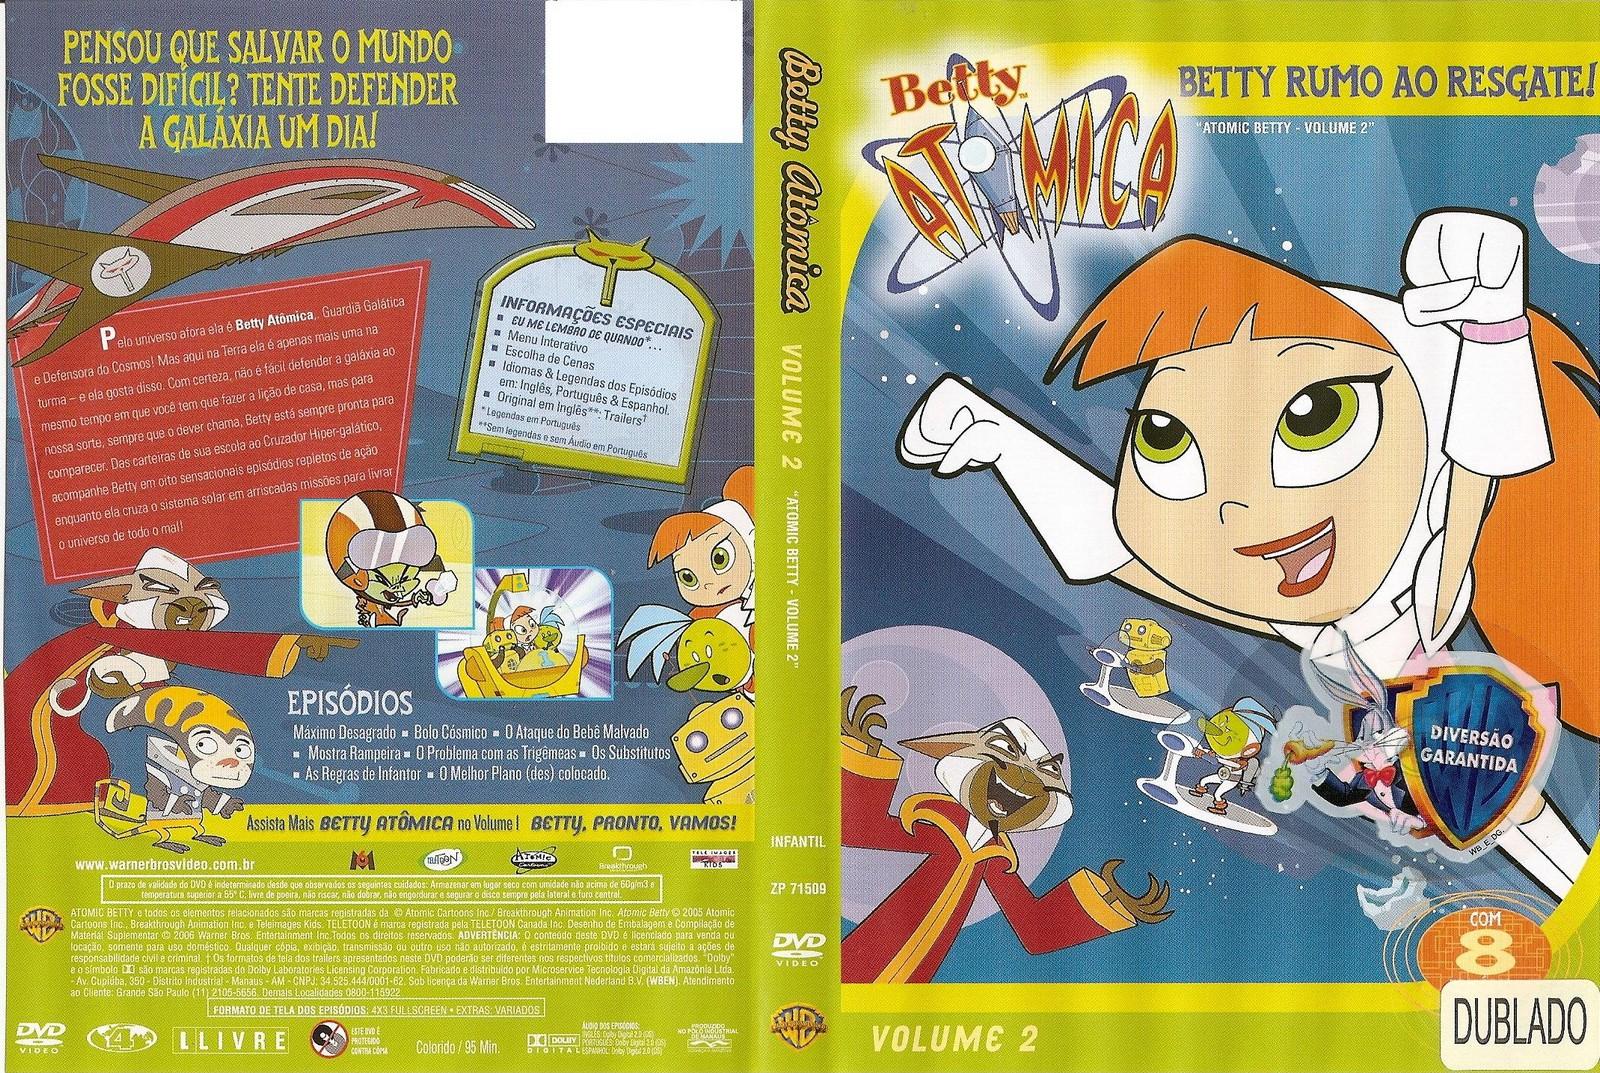 http://4.bp.blogspot.com/-AfMLXBt0xho/TlegvzHDnXI/AAAAAAAACH4/Dg61SssvINA/s1600/Betty_Atomica_-_Volume_2.jpg